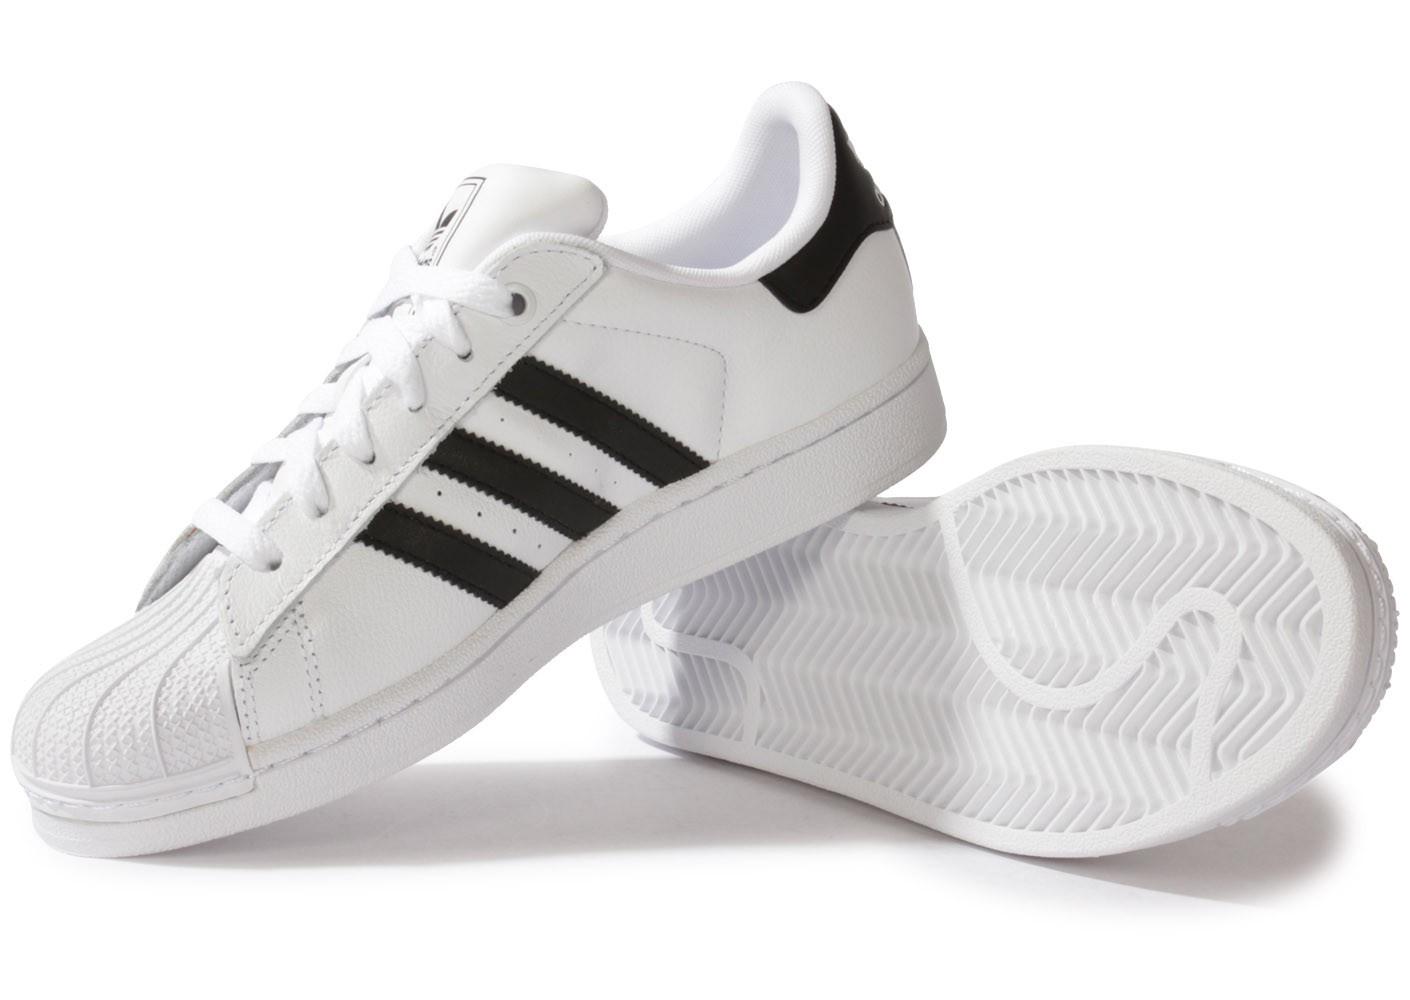 adidas superstar femme 41,Chaussures & vêtements Adidas pas cher